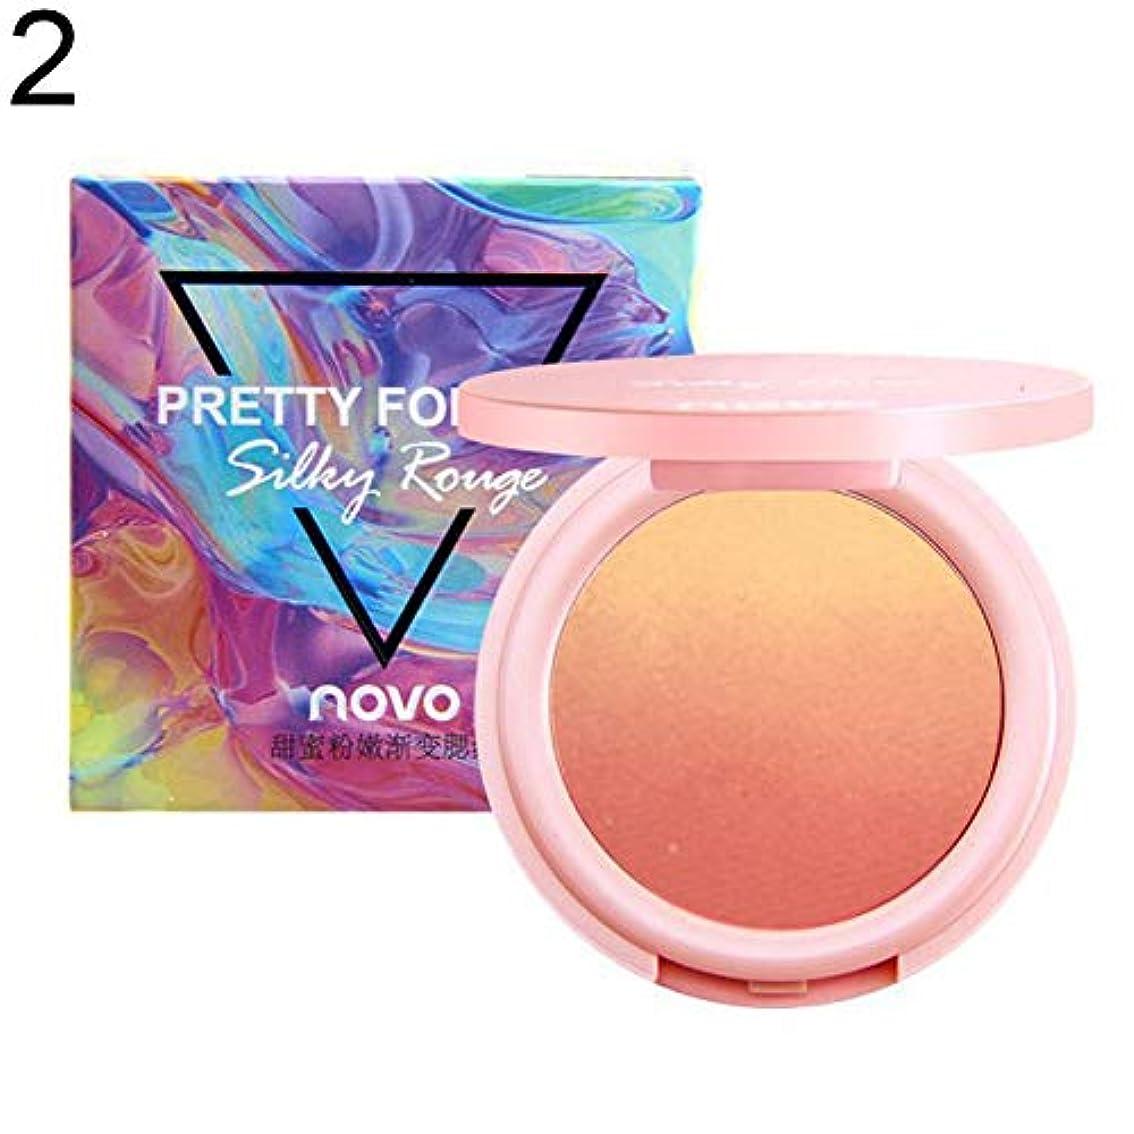 完全にジーンズピクニックをするNOVOプロ2色フェイスブラッシャーパウダー長続きがする明るく頬化粧品 - 2#